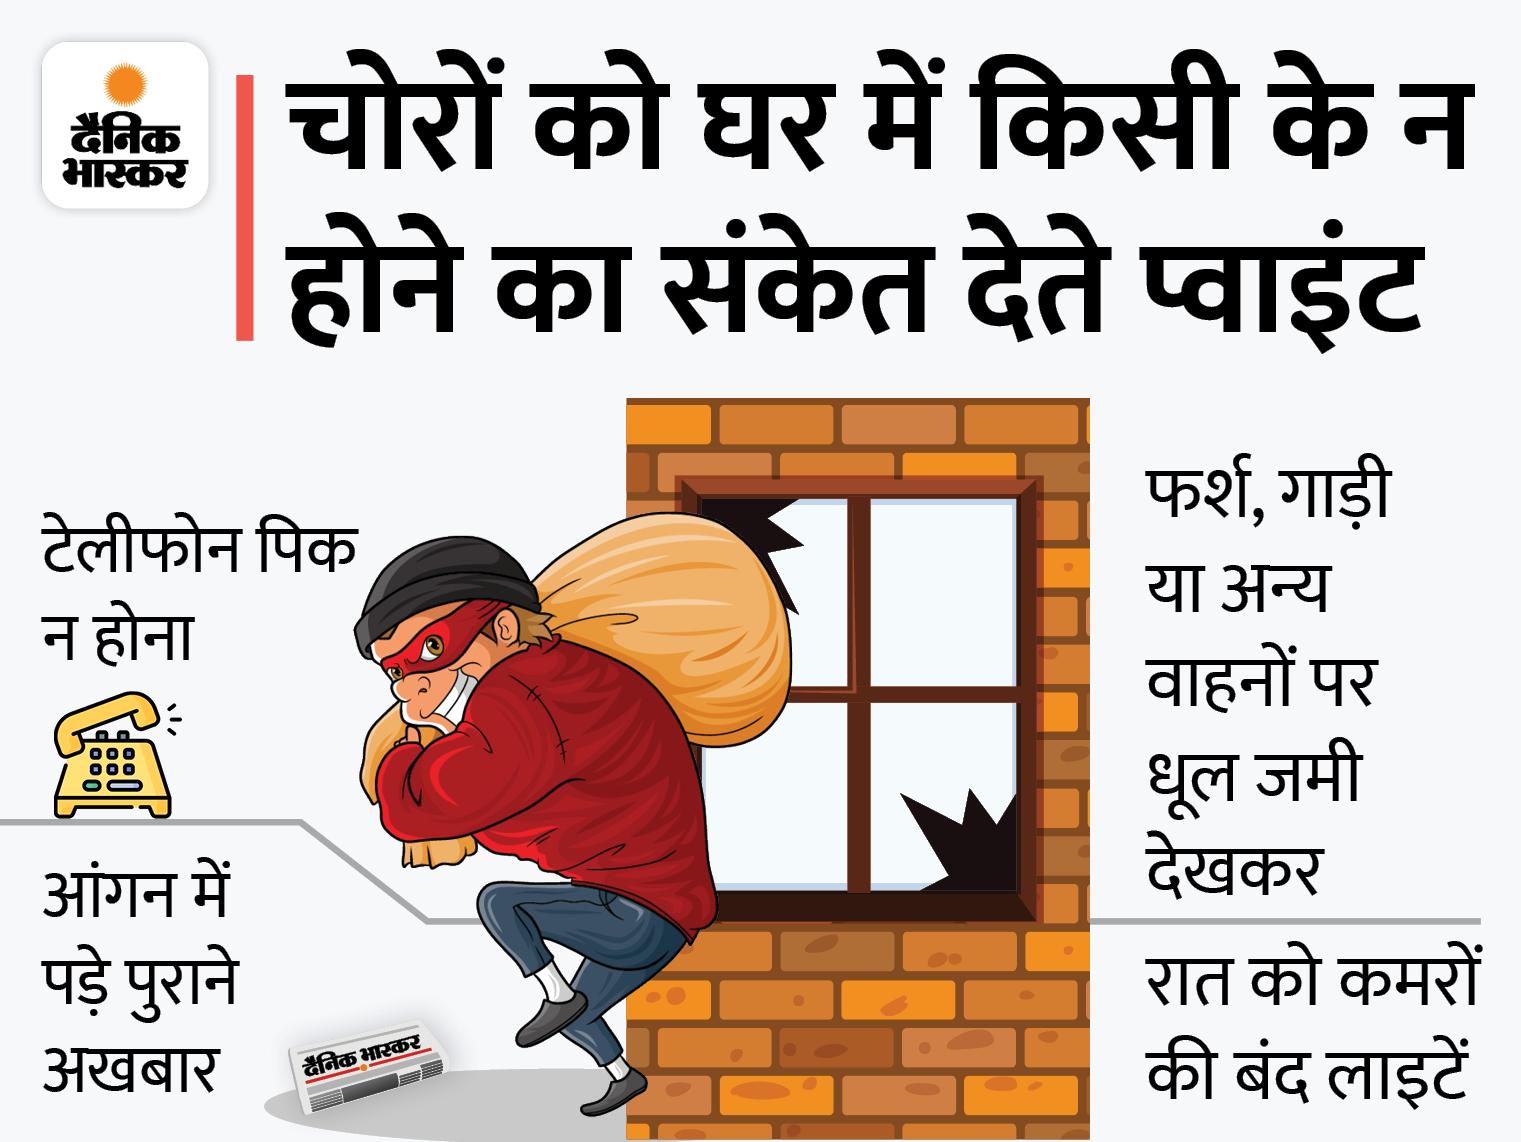 किसी कारण से लॉक लगाकर बाहर जा रहे हैं तो सूचना देकर जाएं, चोरी की वारदातें रोकने के लिए लिया गया फैसला|रेवाड़ी,Rewari - Dainik Bhaskar